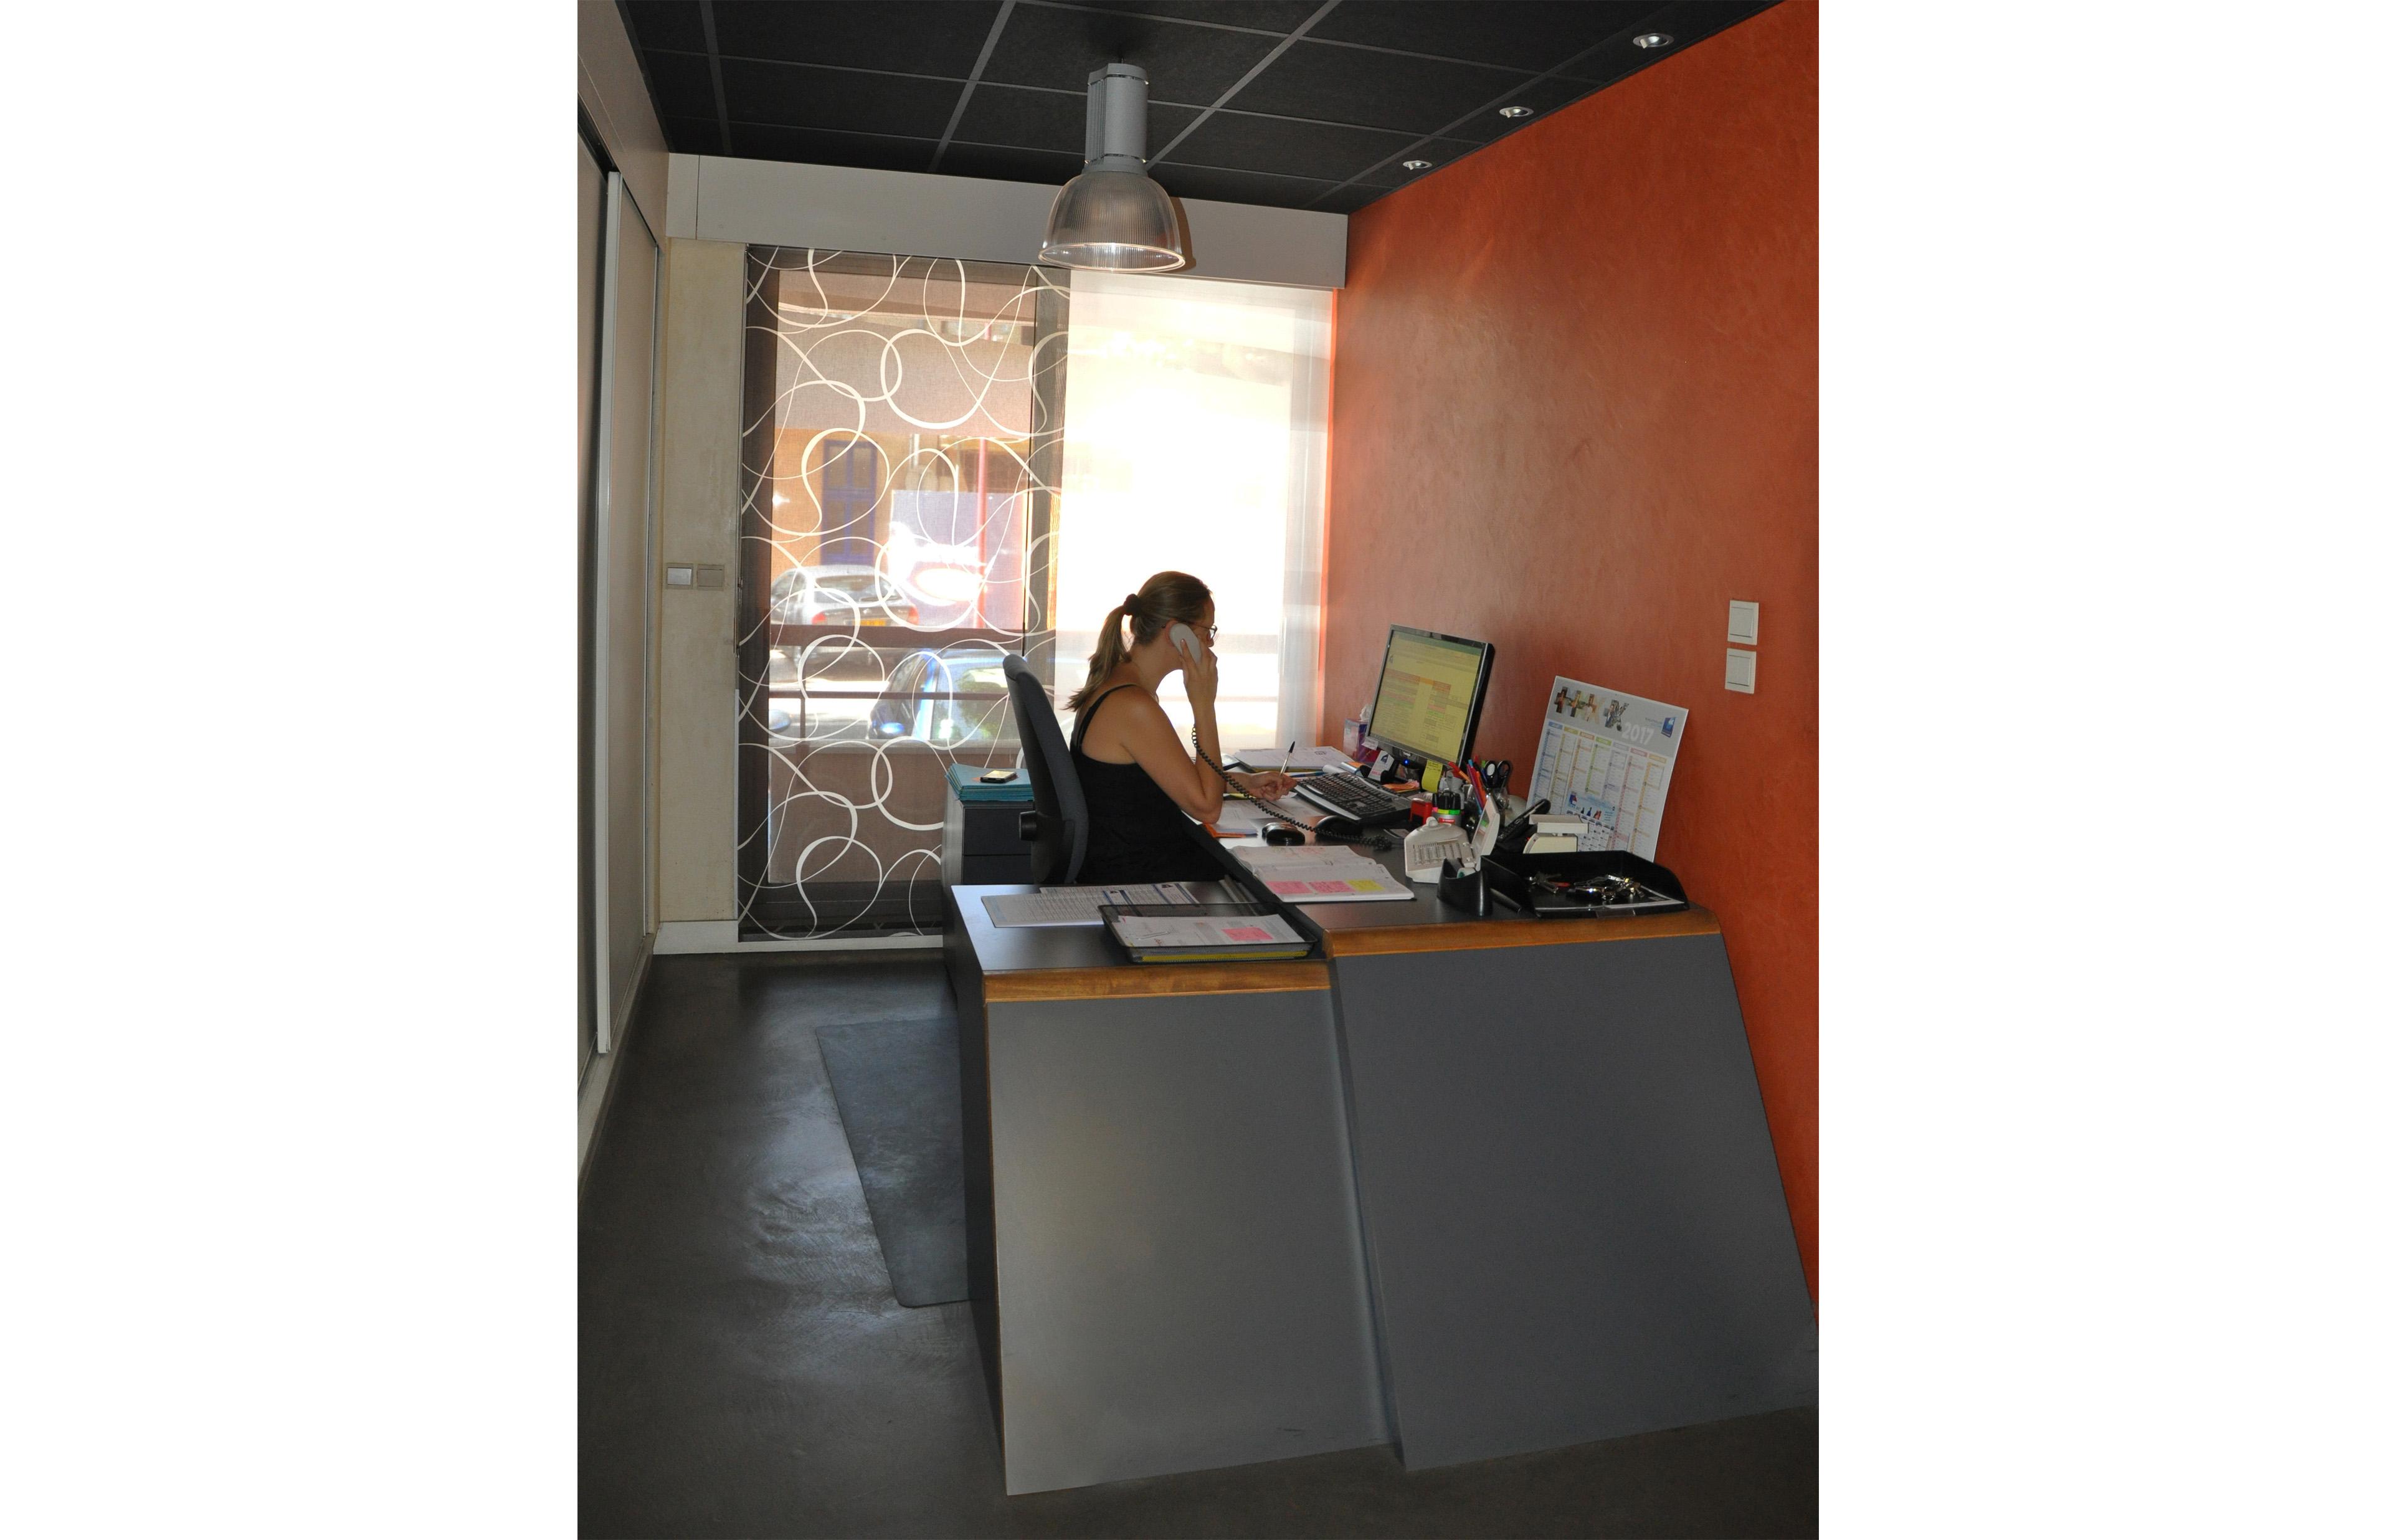 Décoratrice D Intérieur Rodez contactez l'agence intra muros rodez : pour une étude de